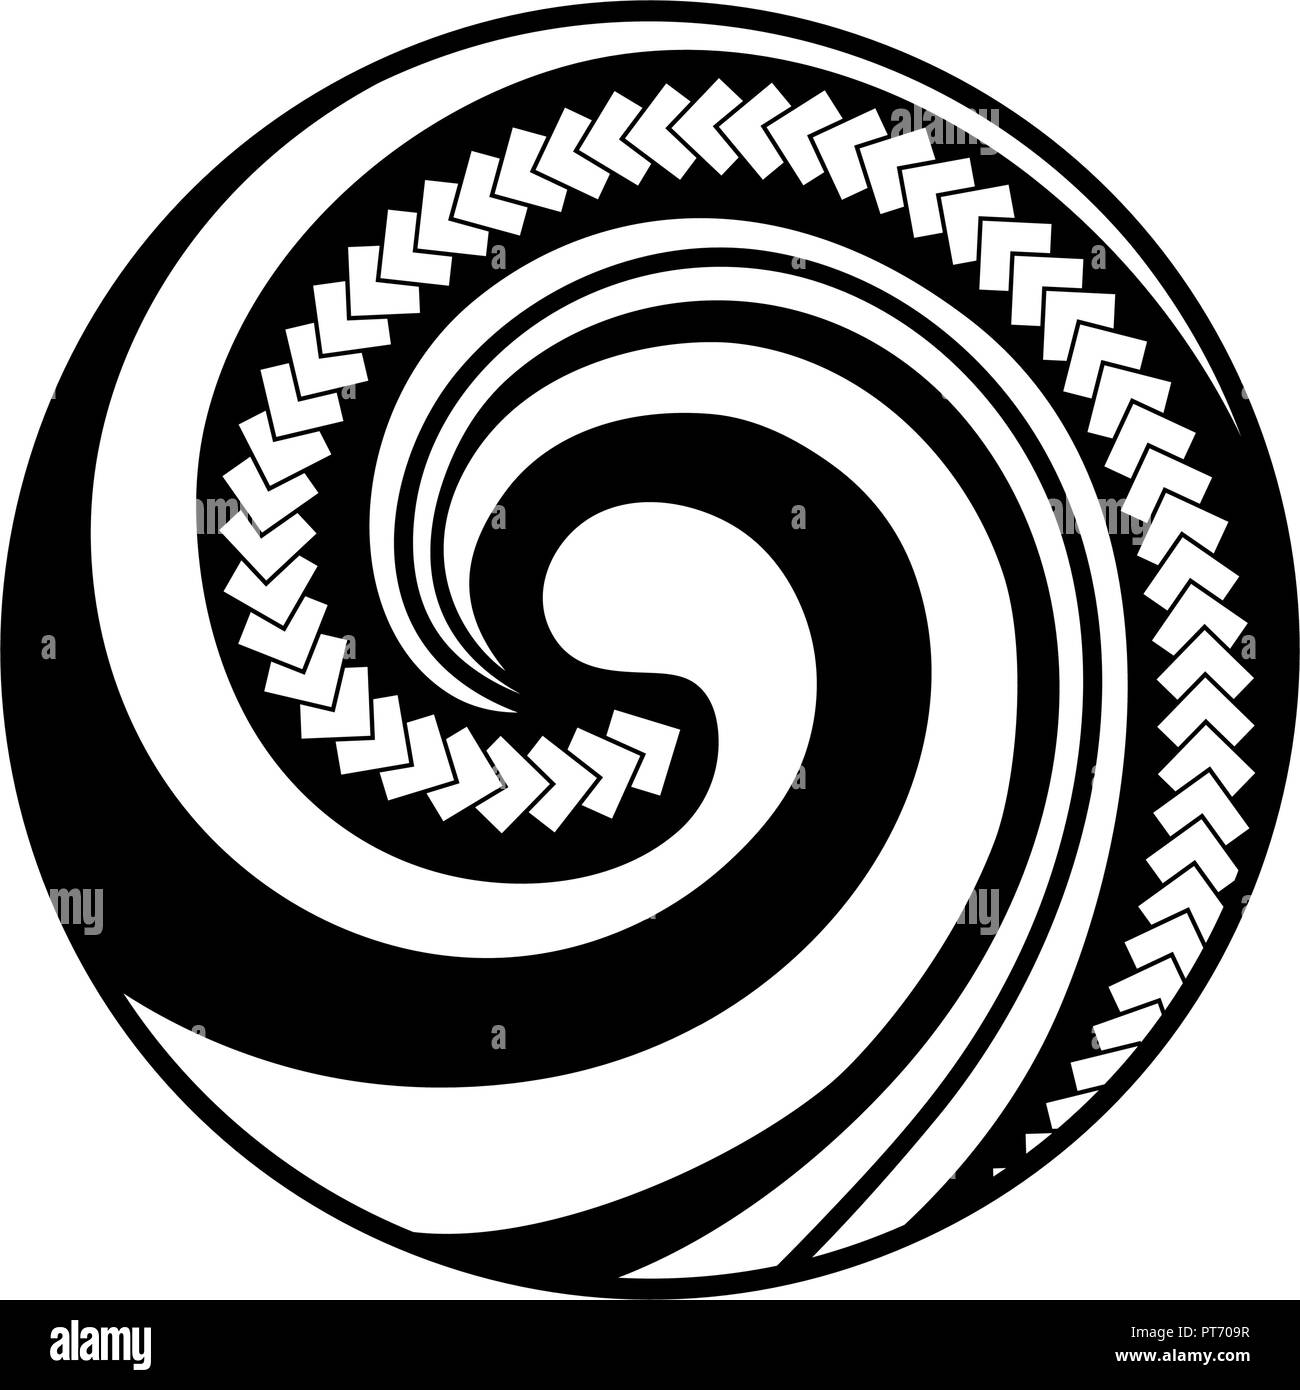 Koru Symbole Maori Est Une Forme En Spirale Fondee Sur Silver Fern